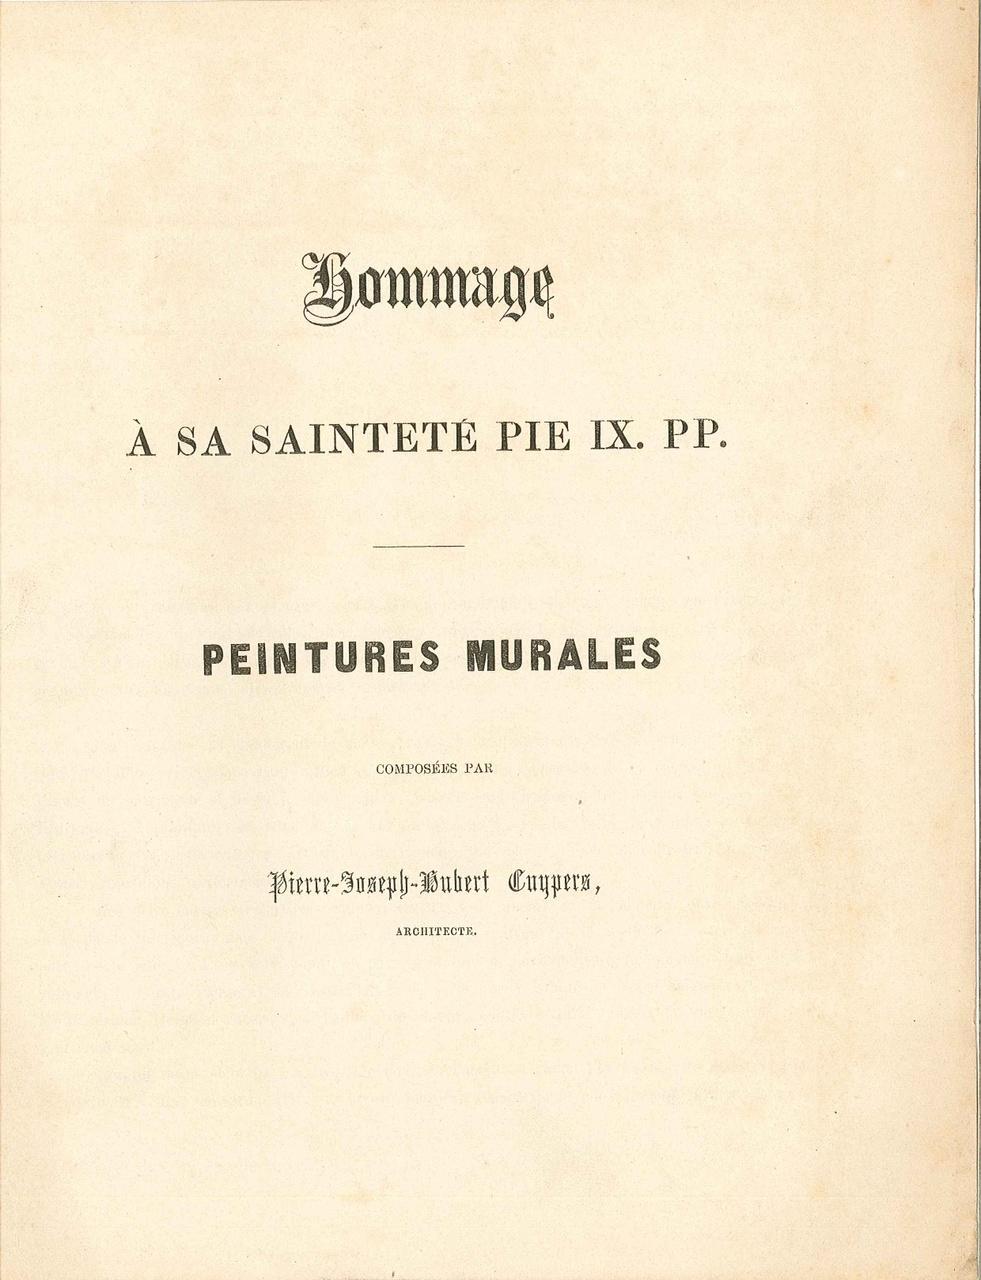 Boekje over muurschilderingen van P.J.H. Cuypers